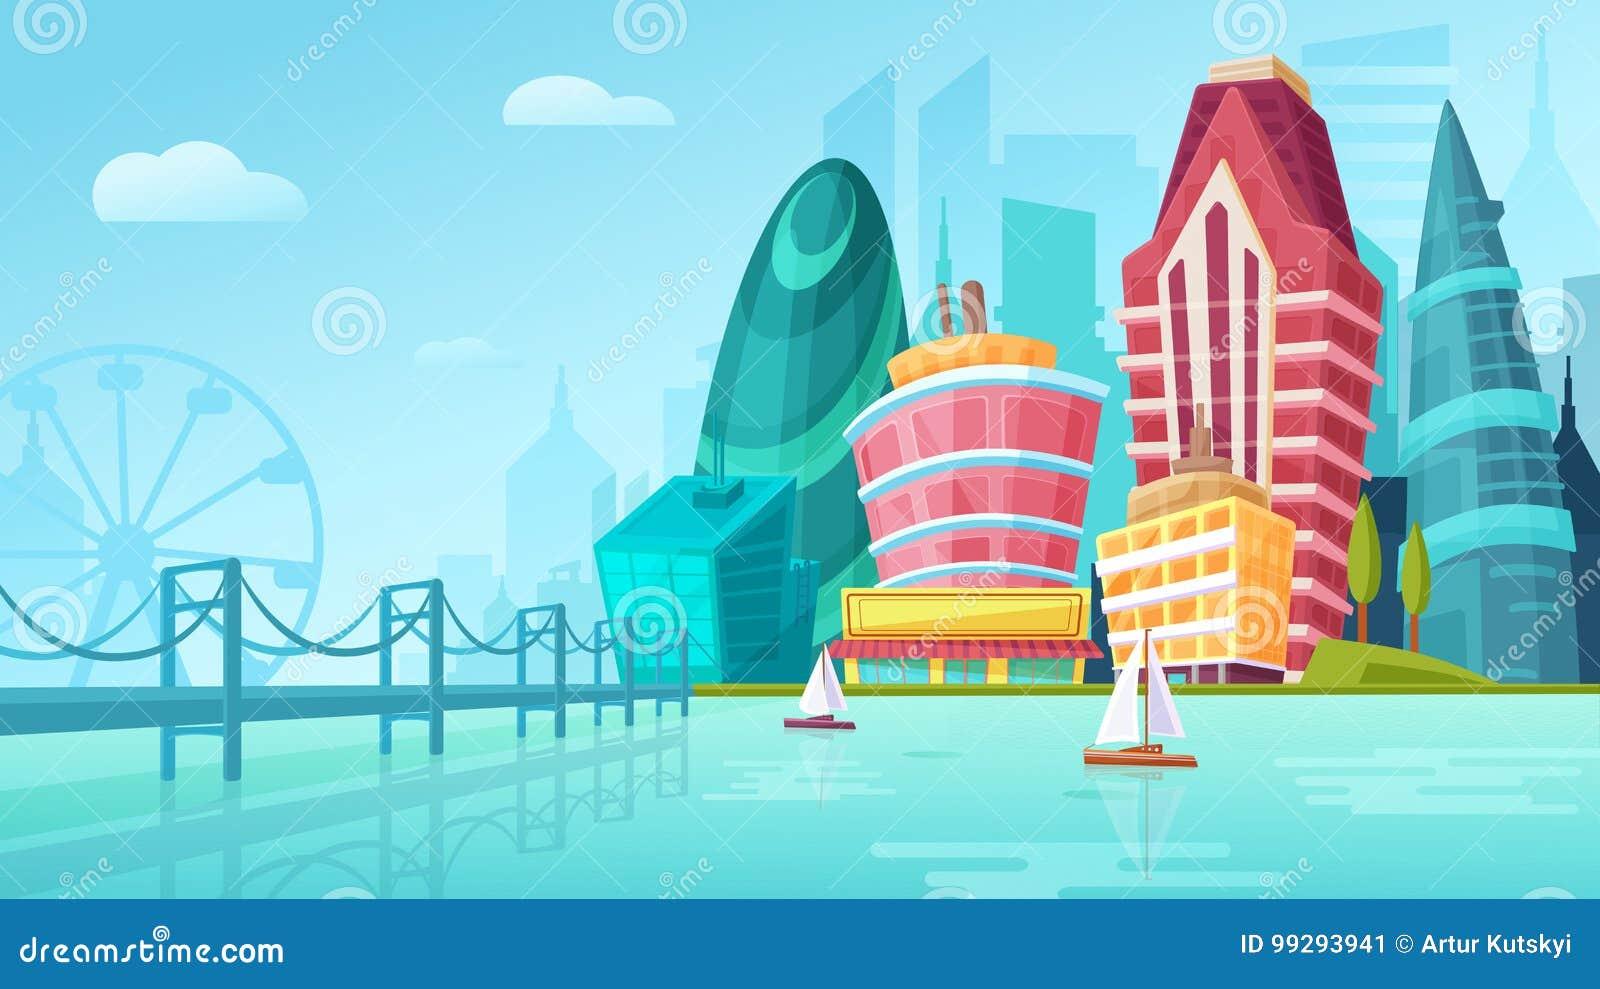 Διανυσματική απεικόνιση κινούμενων σχεδίων ενός αστικού τοπίου με τα μεγάλα σύγχρονα κτήρια κοντά στη γέφυρα με τα γιοτ